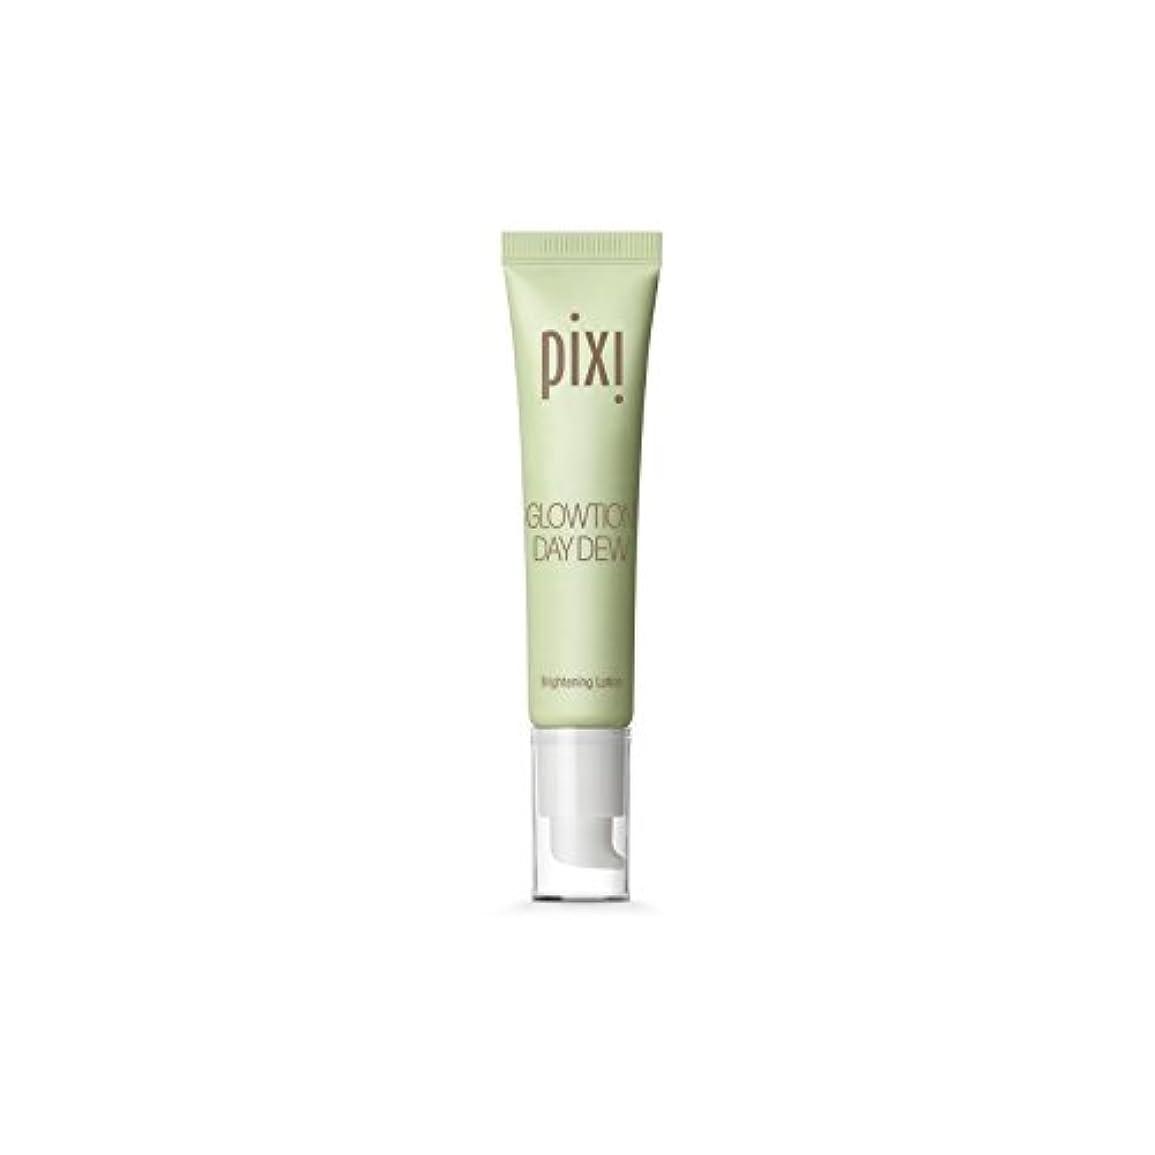 ソーセージ何でも半ば日露 x2 - Pixi Pixi Glowtion Day Dew (Pack of 2) [並行輸入品]